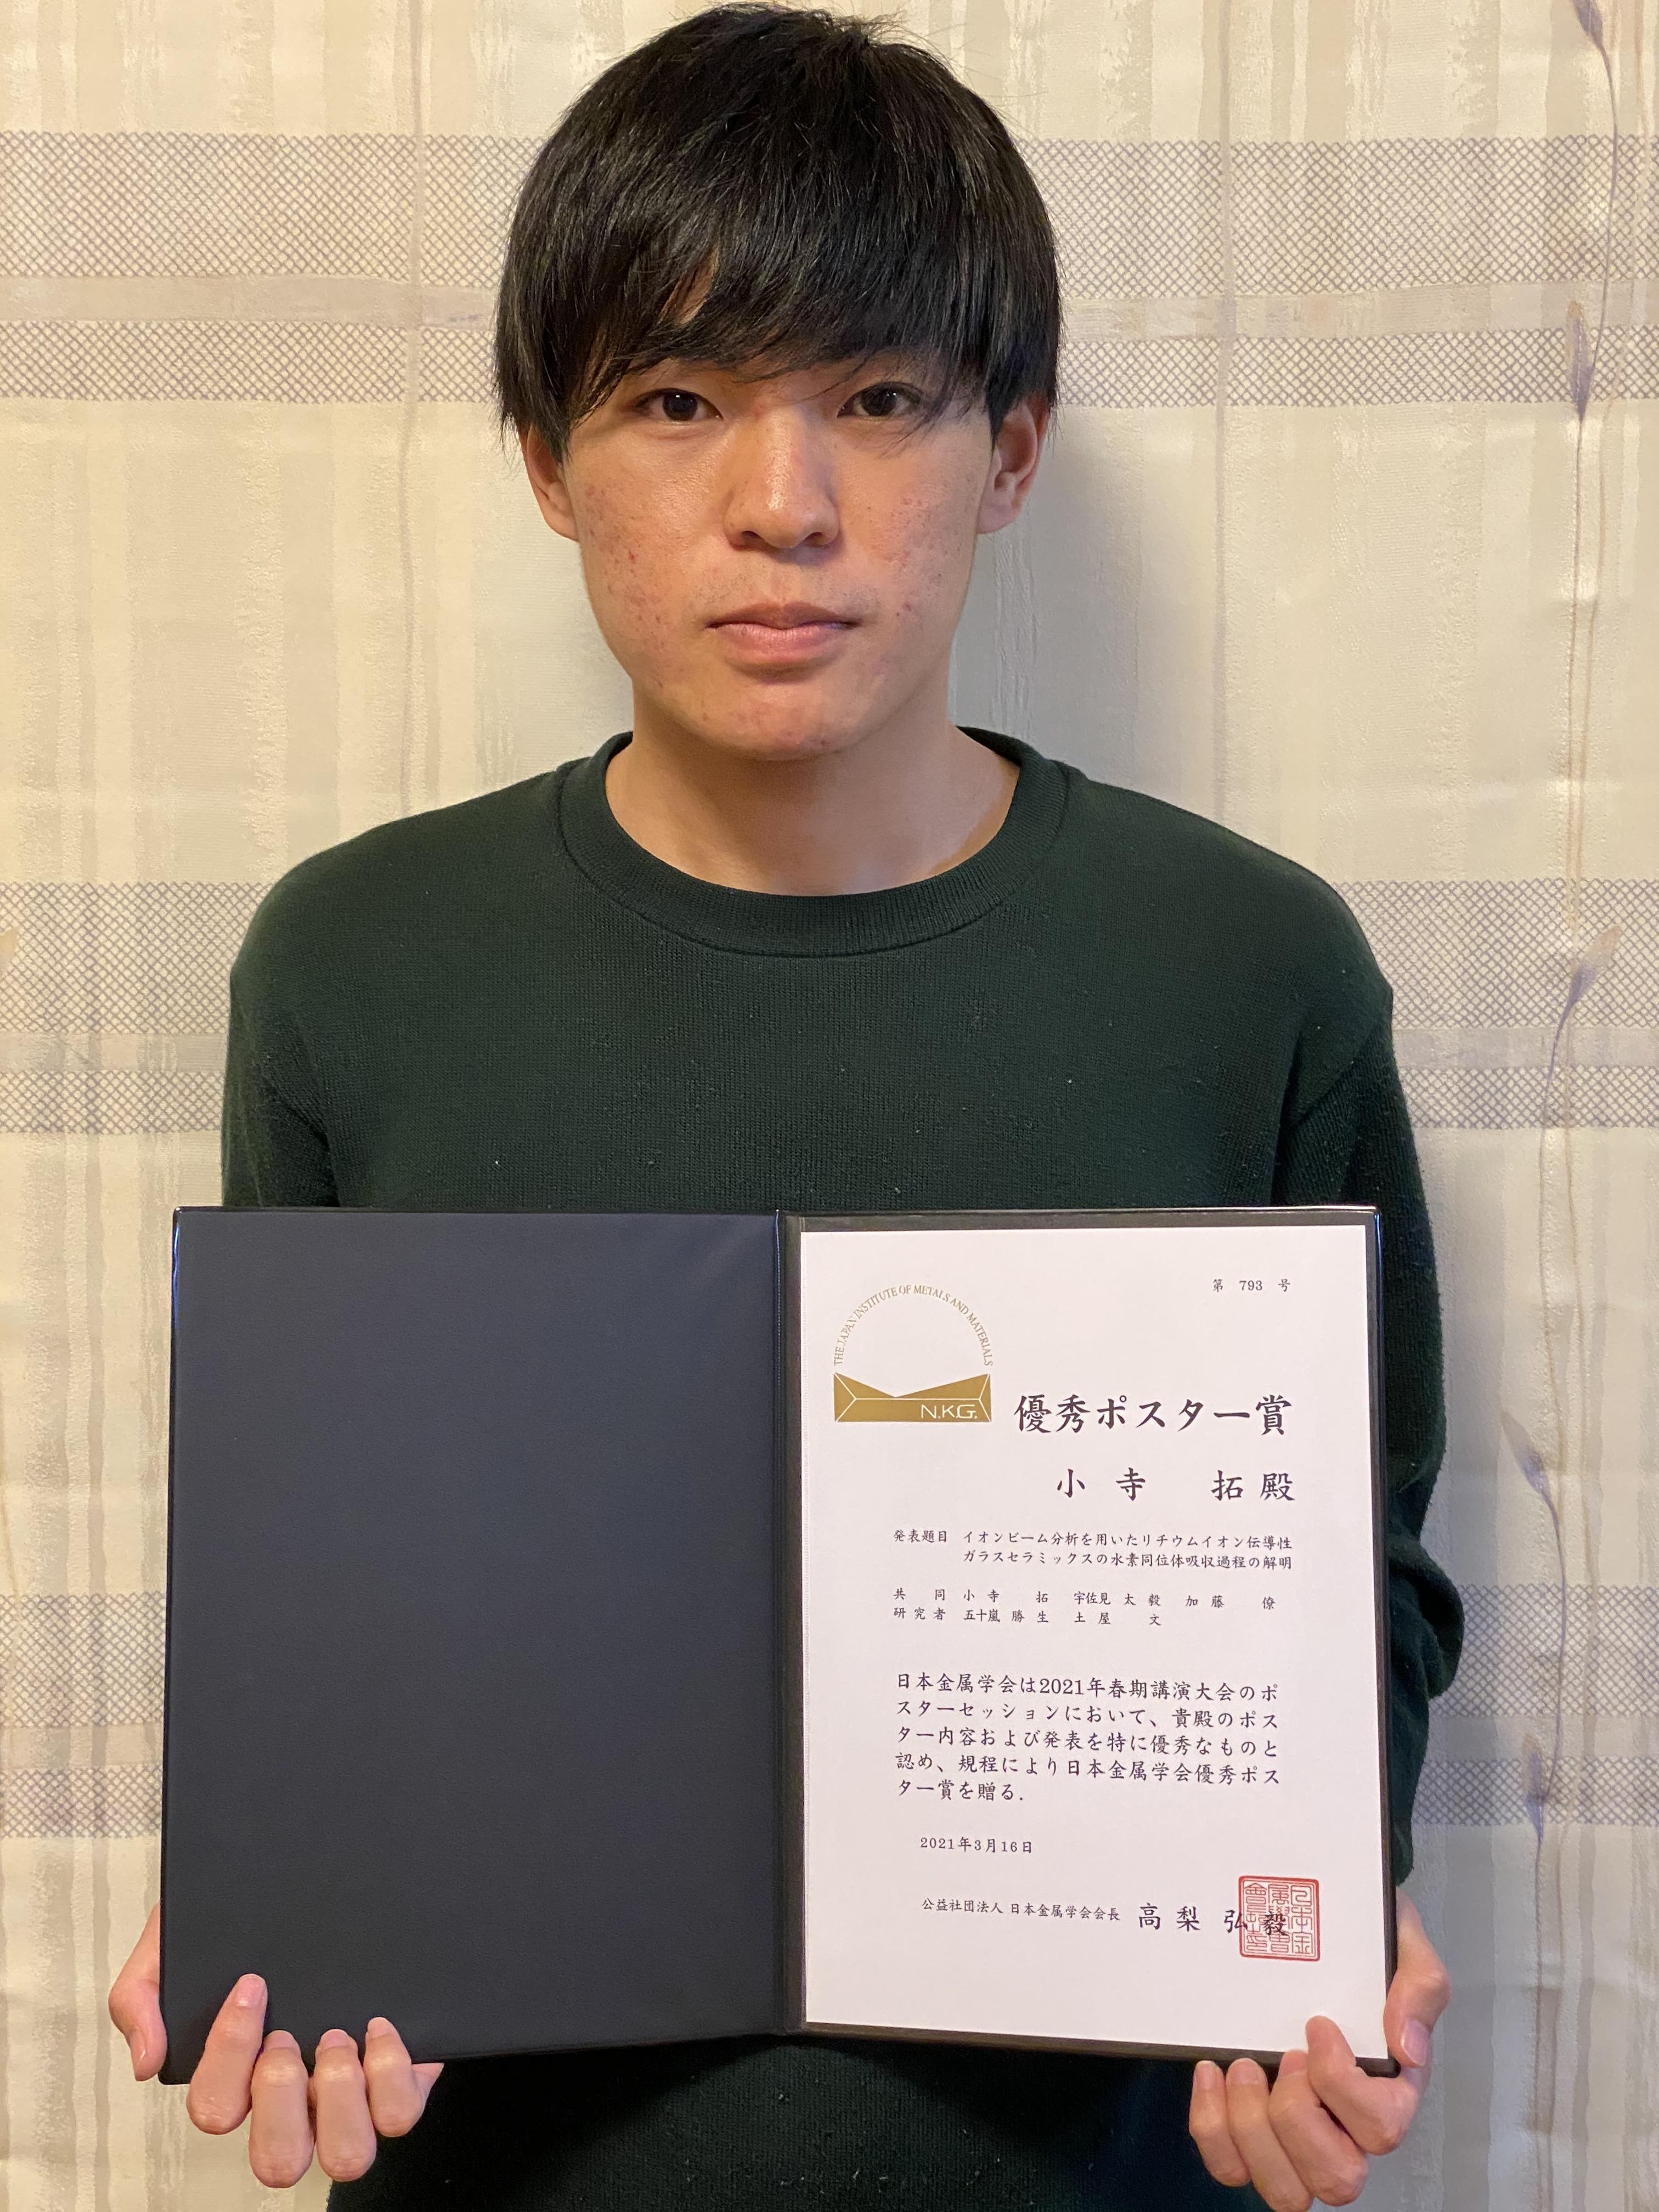 小寺 拓さん(理工学研究科 材料機能工学科 土屋文教授、土屋文研究室)